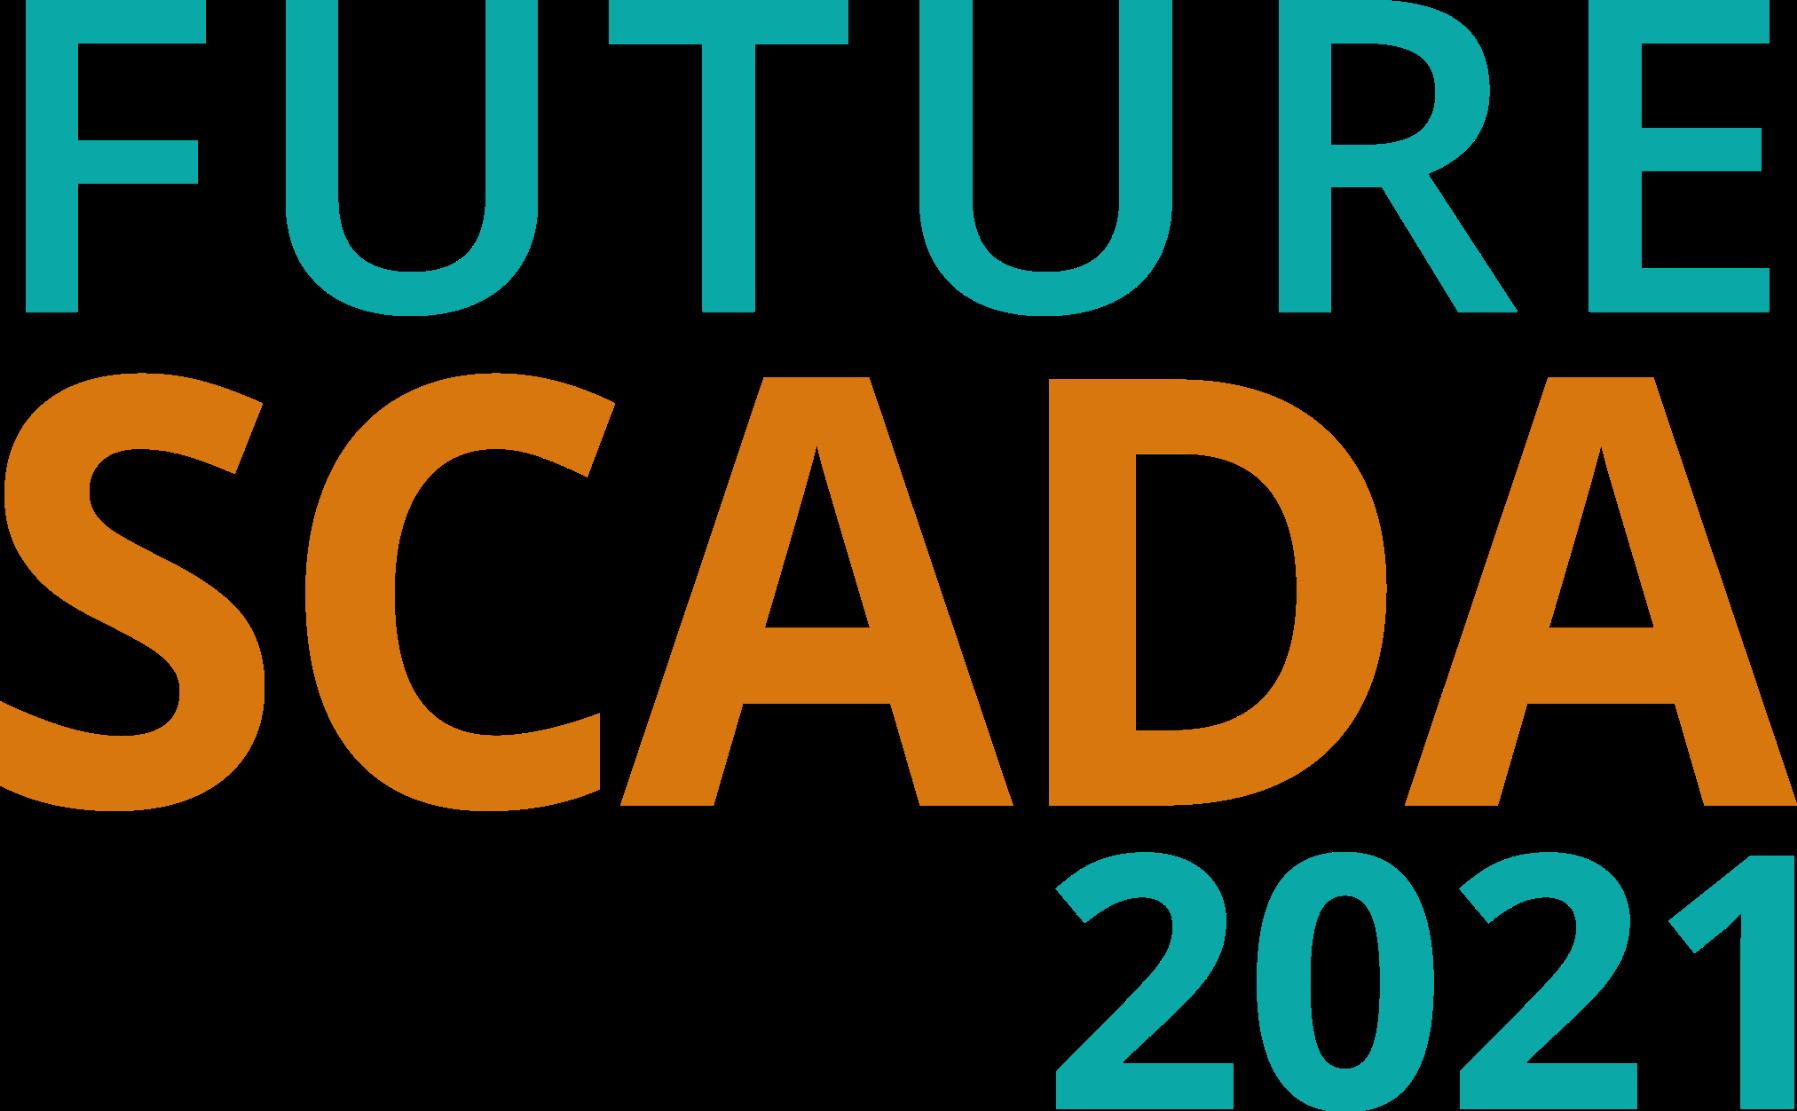 Future SCADA 2021